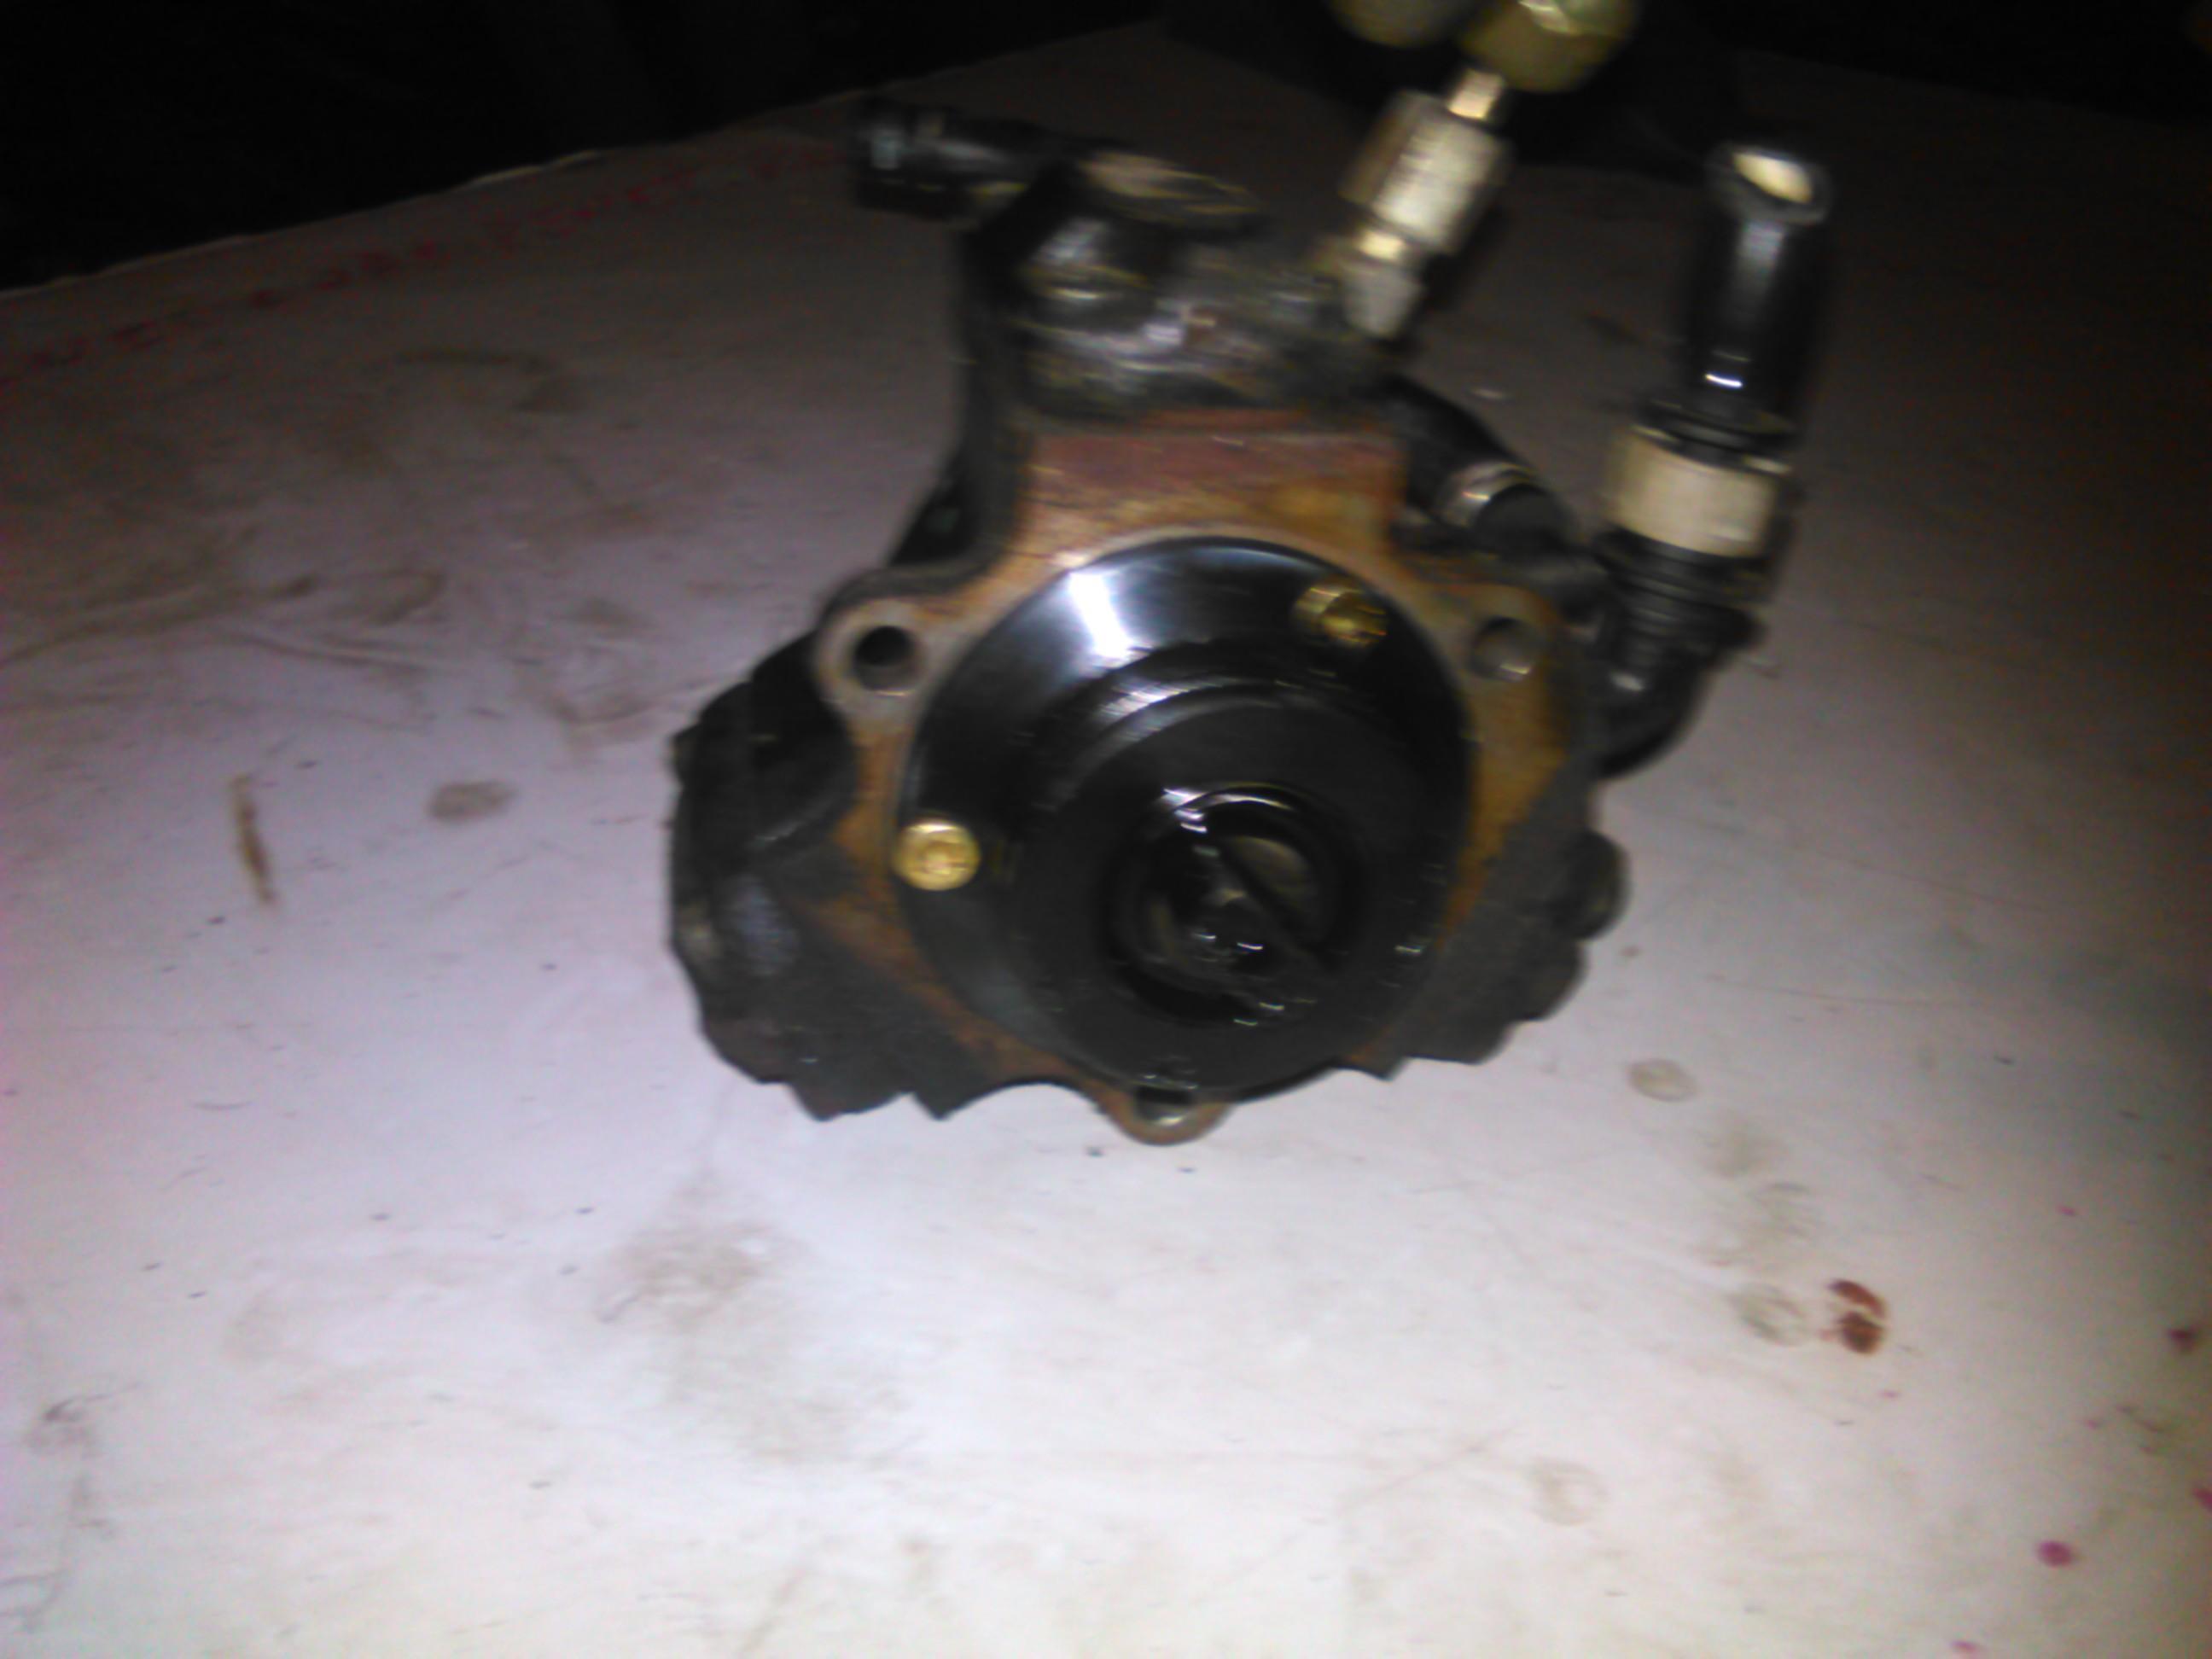 Pompa inalta presiune Opel Corsa c 1.3cdti cod 0445010080